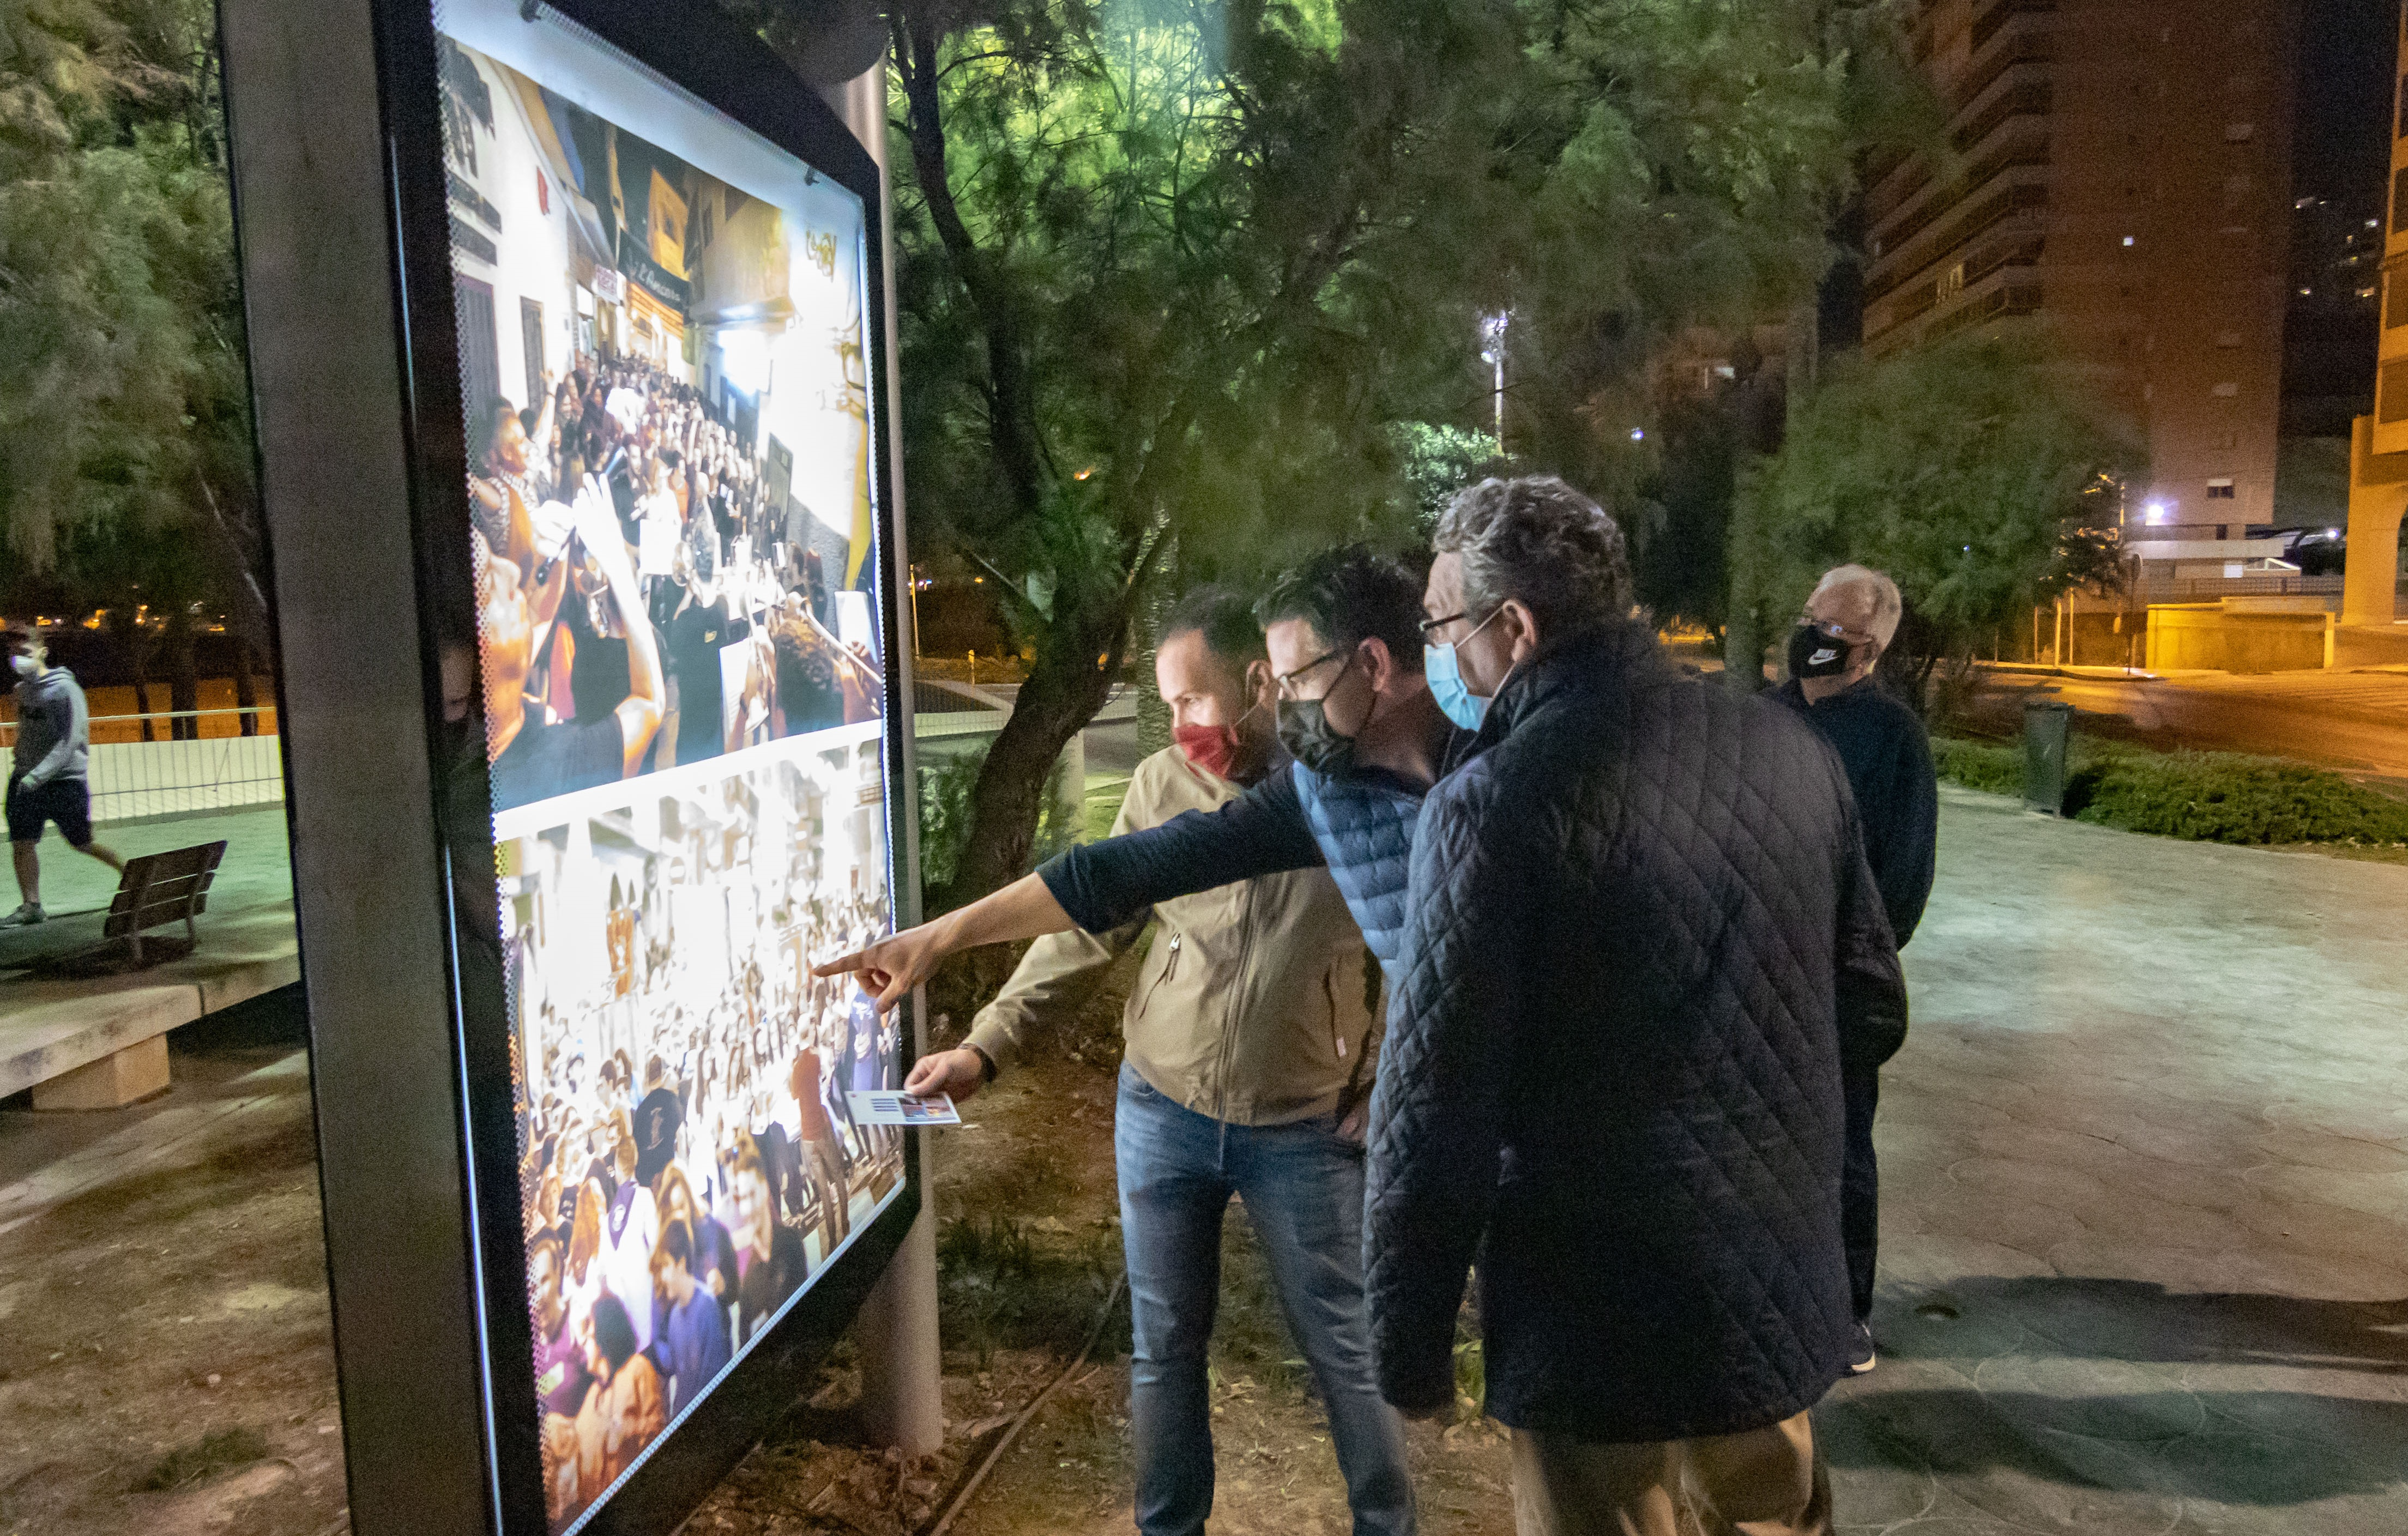 FESTES MAJORS.- Benidorm vive sus Fiestas Mayores Patronales con imágenes graficas en las calles